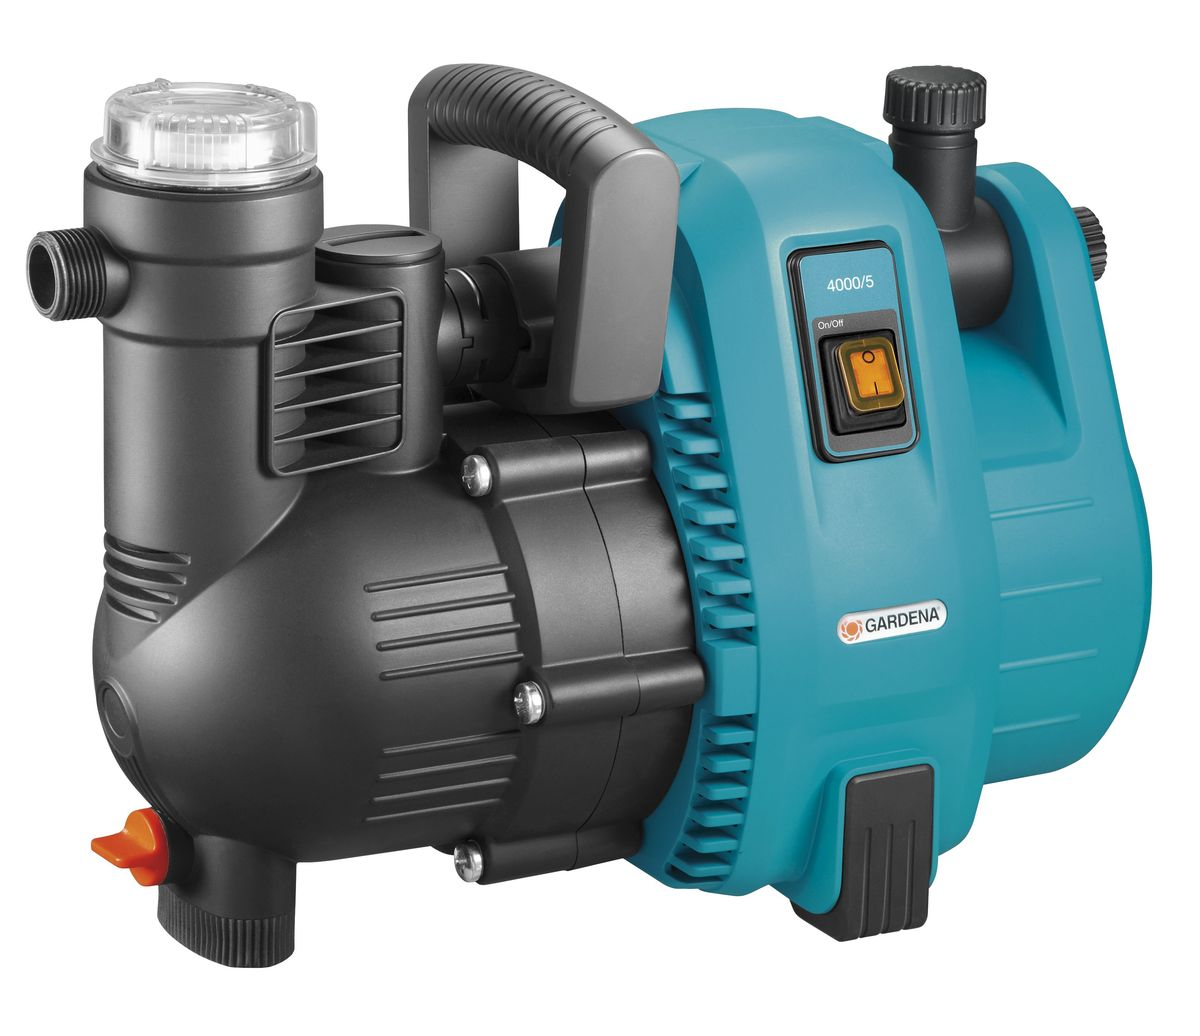 Насос садовый Gardena 4000/5 Comfort01732-20.000.00Садовый насос 4000/5 характеризуется повышенным удобством и минимальным уровнемшума при использовании в саду или дома. Высокая мощность всасывания и способностьвыдерживать высокое давление делает насос идеальным инструментом для полива,повышения давления, передачи или откачки водопроводной воды, дождевой воды илихлорированной воды бассейна. Встроенный фильтр предварительной очистки гарантируетбесперебойную работу насоса. Наличие двух выходов (один из которых откидной)позволяет подключать и использовать одновременно два поливочных инструмента. Насоспрост и удобен в использовании. Широкое заливочное горло упрощает наполнение насосаперед первым использованием, а эргономичная ручка обеспечивает удобствотранспортировки. Резиновые опоры обеспечивают устойчивость насоса, а такжебесшумную эксплуатацию практически без вибраций. В преддверии морозной погодынасос легко опорожняется с помощью дренажной резьбовой пробки. Для увеличениясрока службы продукции компания GARDENA использует материалы только высокогокачества. Наличие керамических элементов и двойного уплотнения между двигателем ирабочим колесом обеспечивает безопасность эксплуатации и защиту насоса отповреждений. Термовыключатель обеспечивает защиту двигателя от перегрузок.Примечание: Насосы GARDENA не предназначены для перекачивания соленой воды,агрессивных и легко воспламеняющихся жидкостей, а также пищевых продуктов.Максимальная производительность по нагнетанию: 4000 л/ч. Максимальное давление: 4,1 Бар.Максимальная высота самовсасывания: 8 м.Тип силового кабеля: H07 RNF.